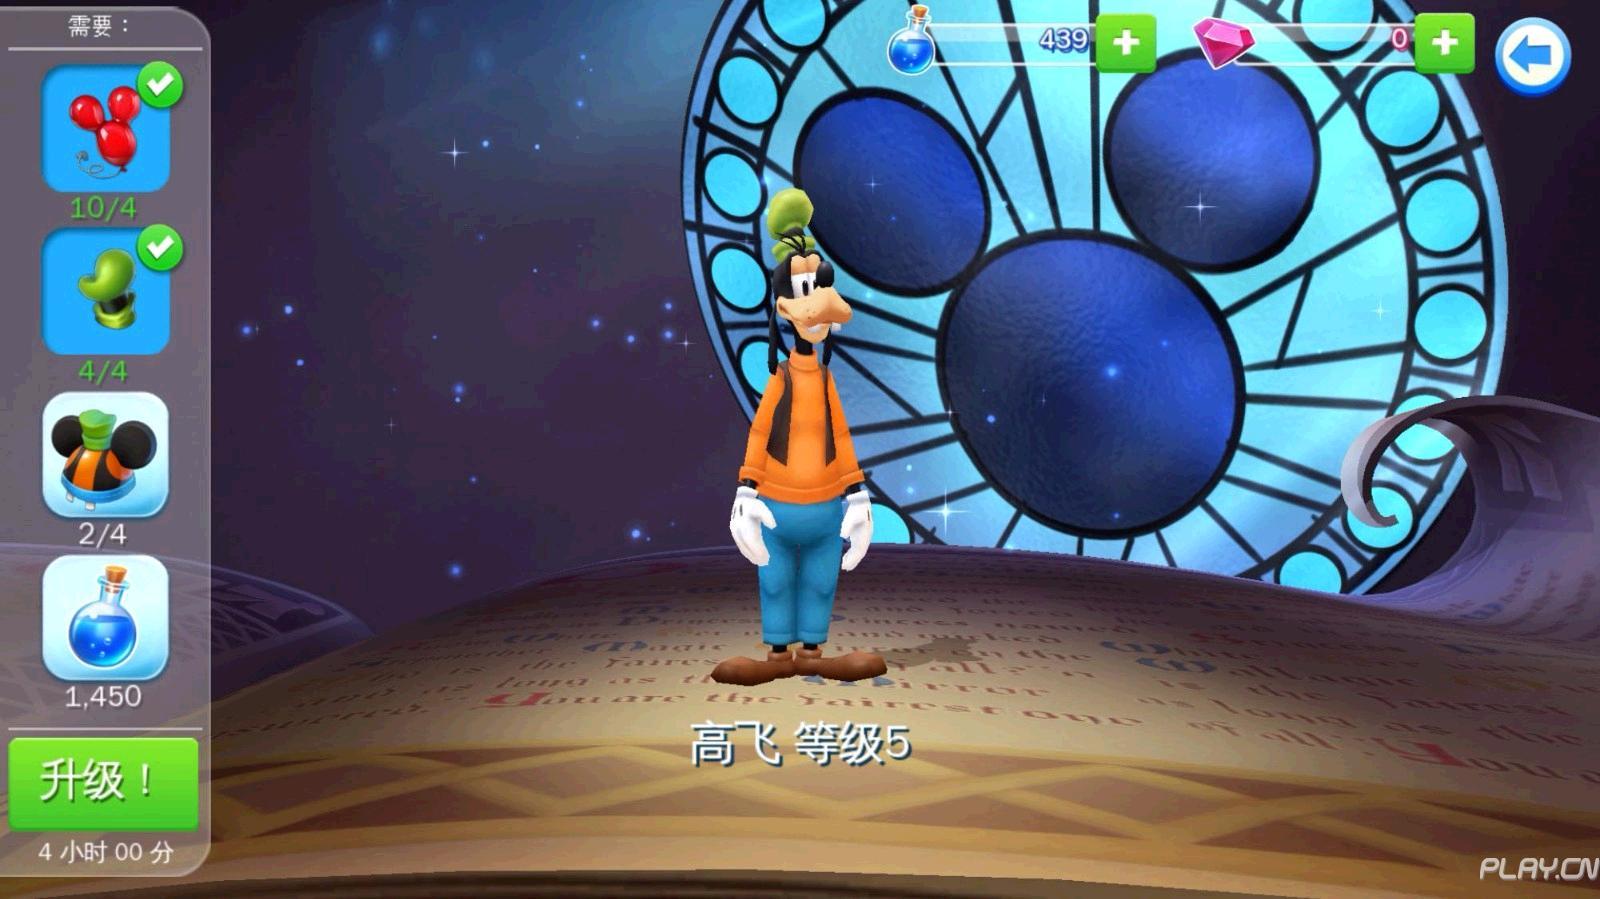 《迪士尼梦幻王国》新手必看tips汇总 新手避免走弯路